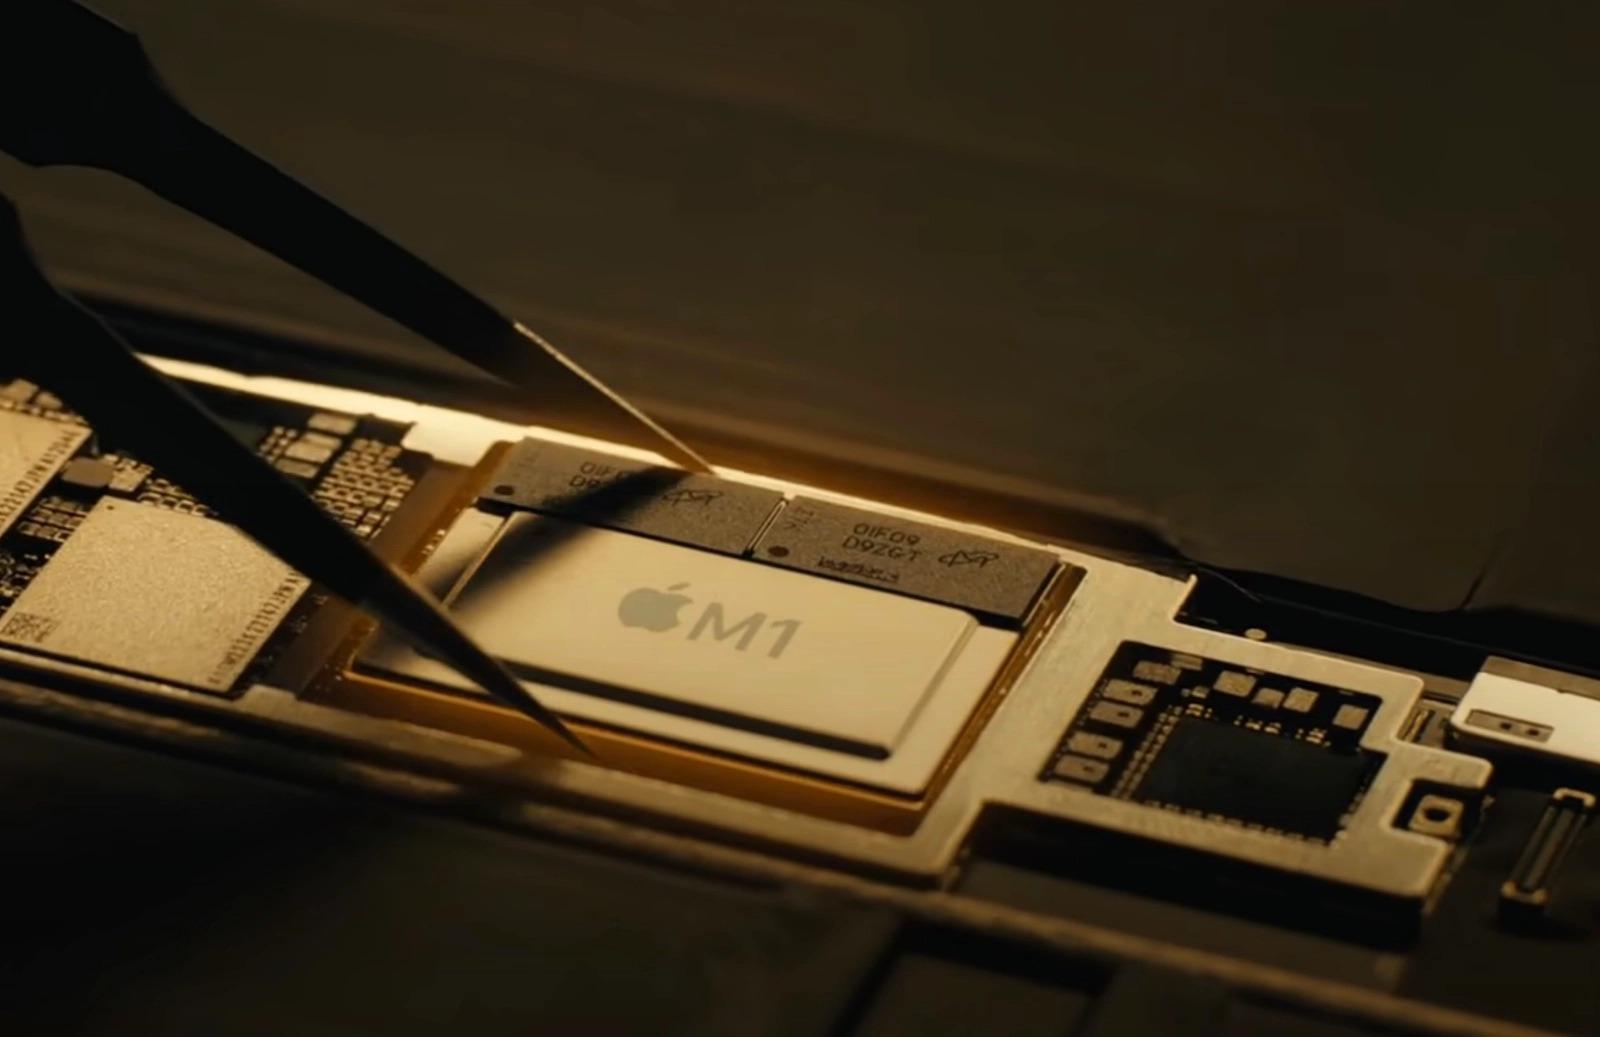 Điểm benchmark mới cho thấy iPad Pro chạy M1 nhanh hơn 50% so với thế hệ trước